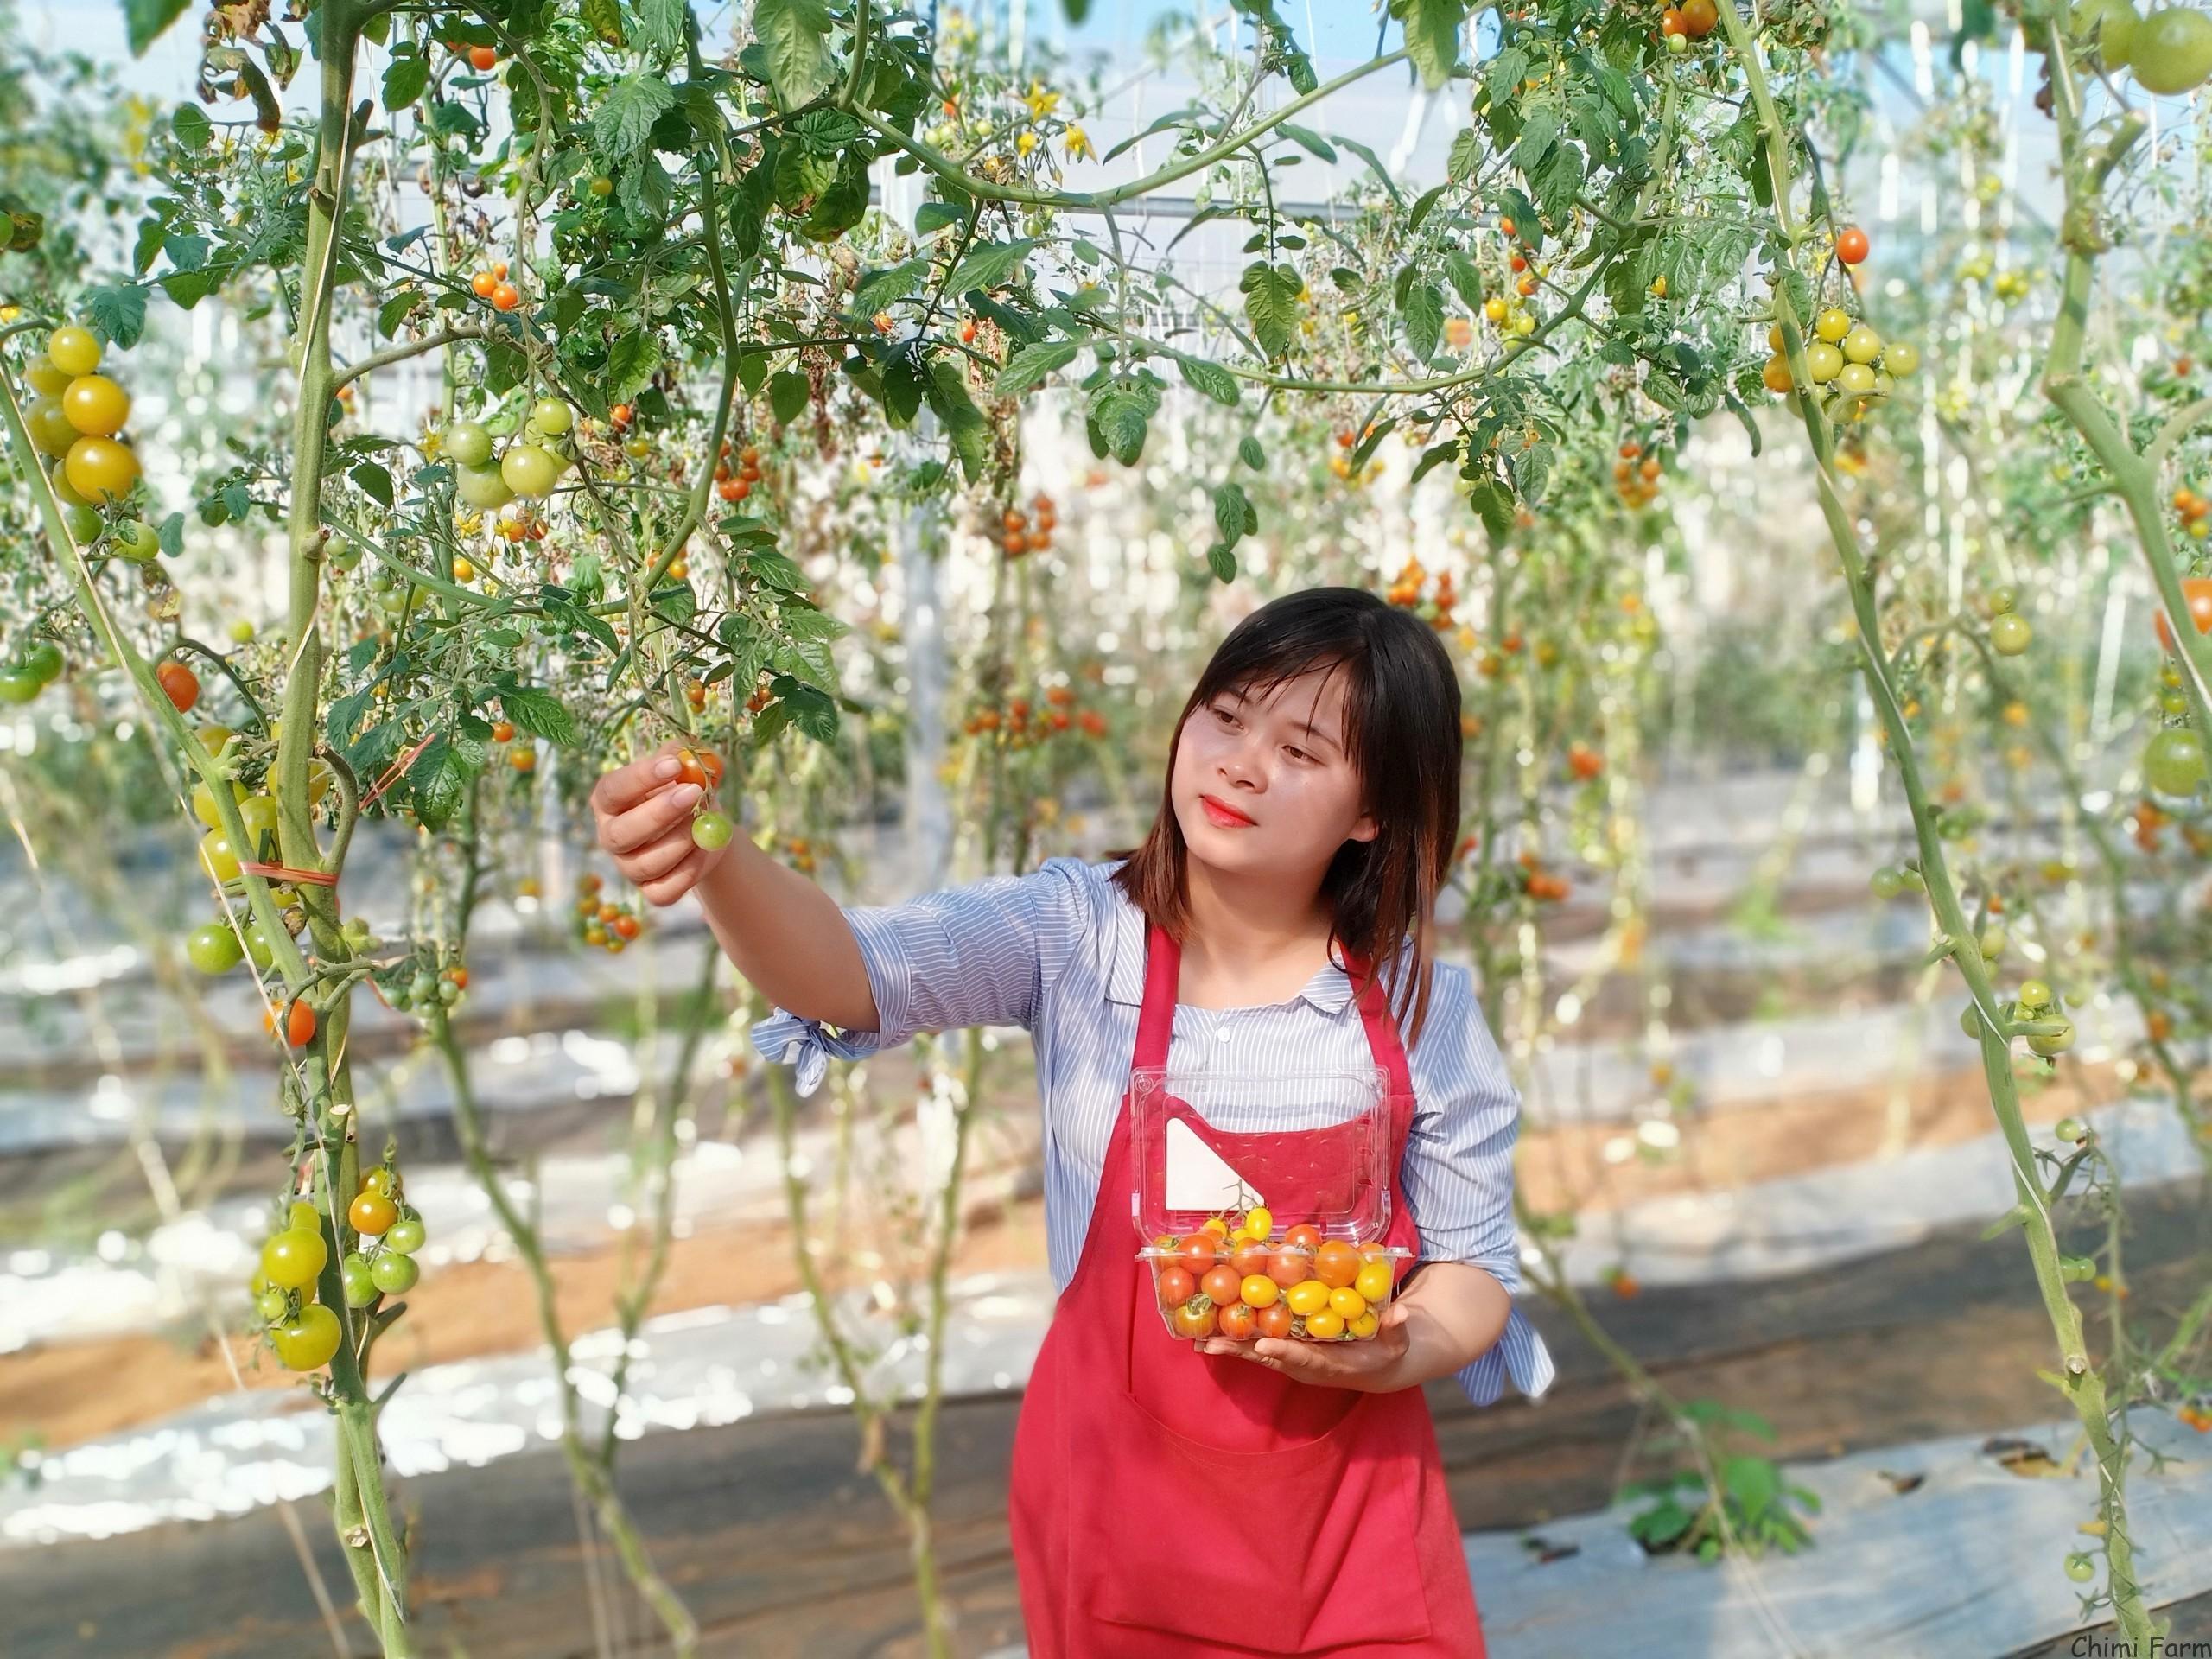 Vườn cà chua cherry của Chimi Farm